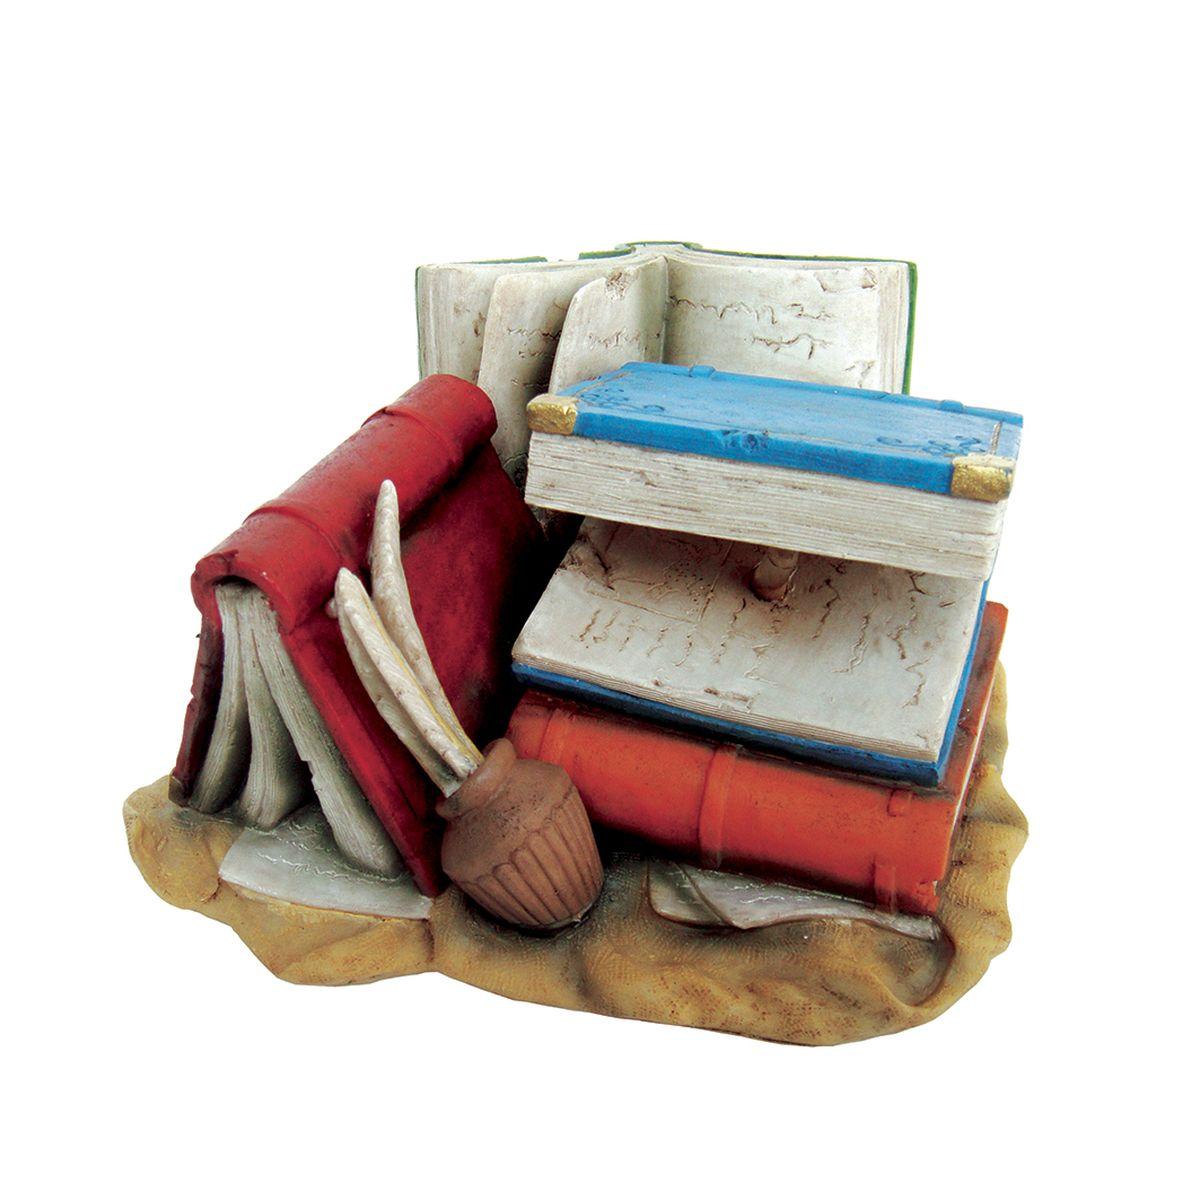 Декорация для аквариума ArtUniq Книги для ученых рыб, 14,5 ? 14 ? 8 смART-2230500Декорация для аквариума ArtUniq Книги для ученых рыб, 14,5 ? 14 ? 8 см